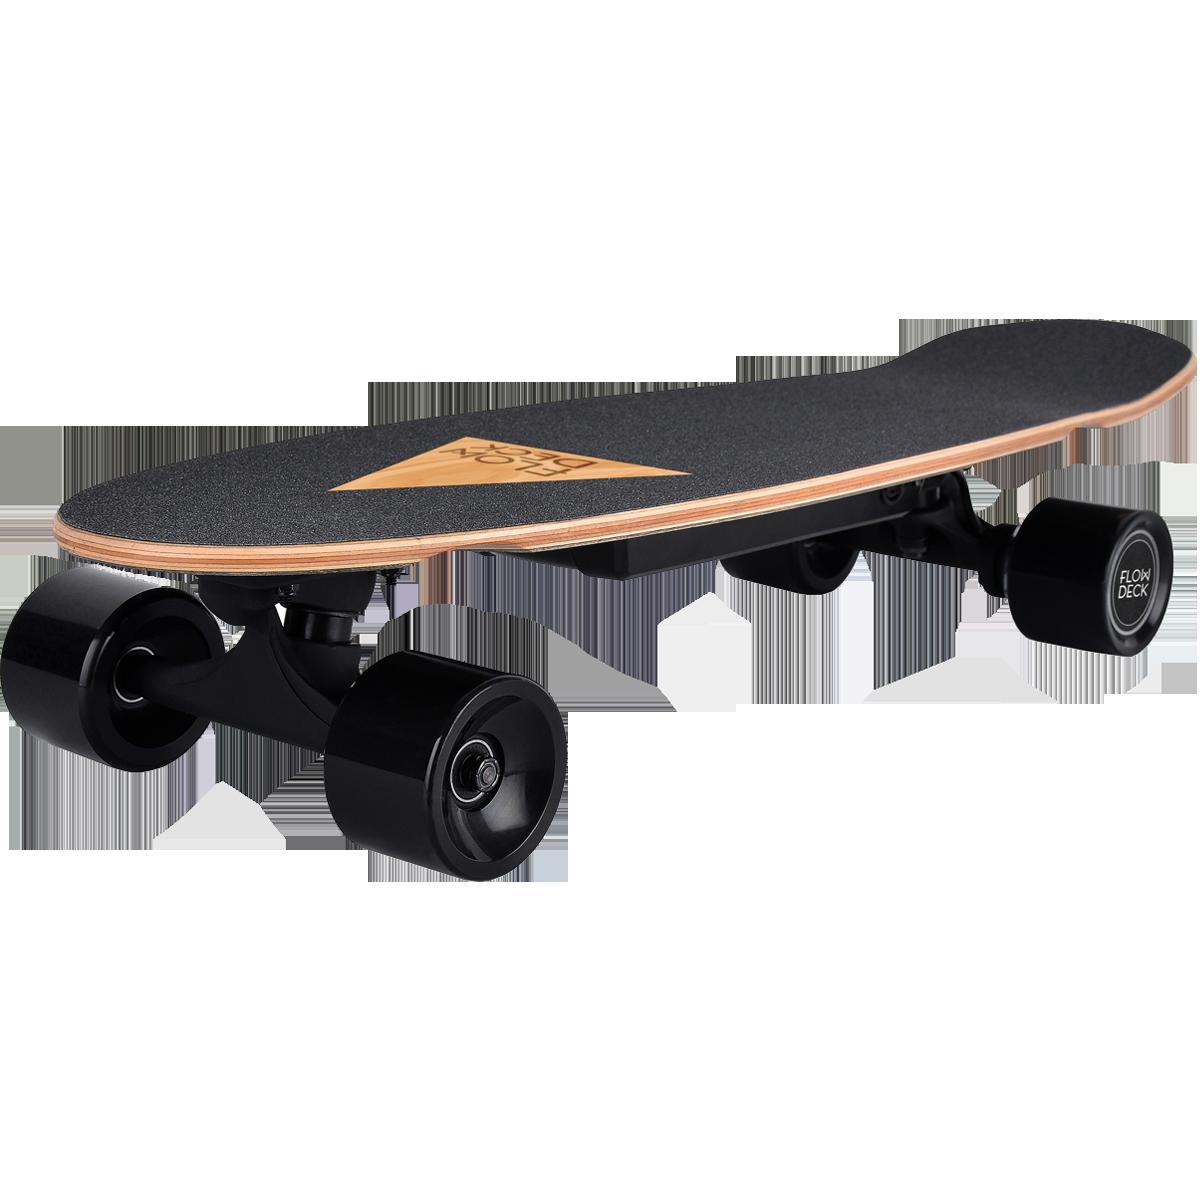 soflow flowdeck city gadget spielzeug und skateboard. Black Bedroom Furniture Sets. Home Design Ideas